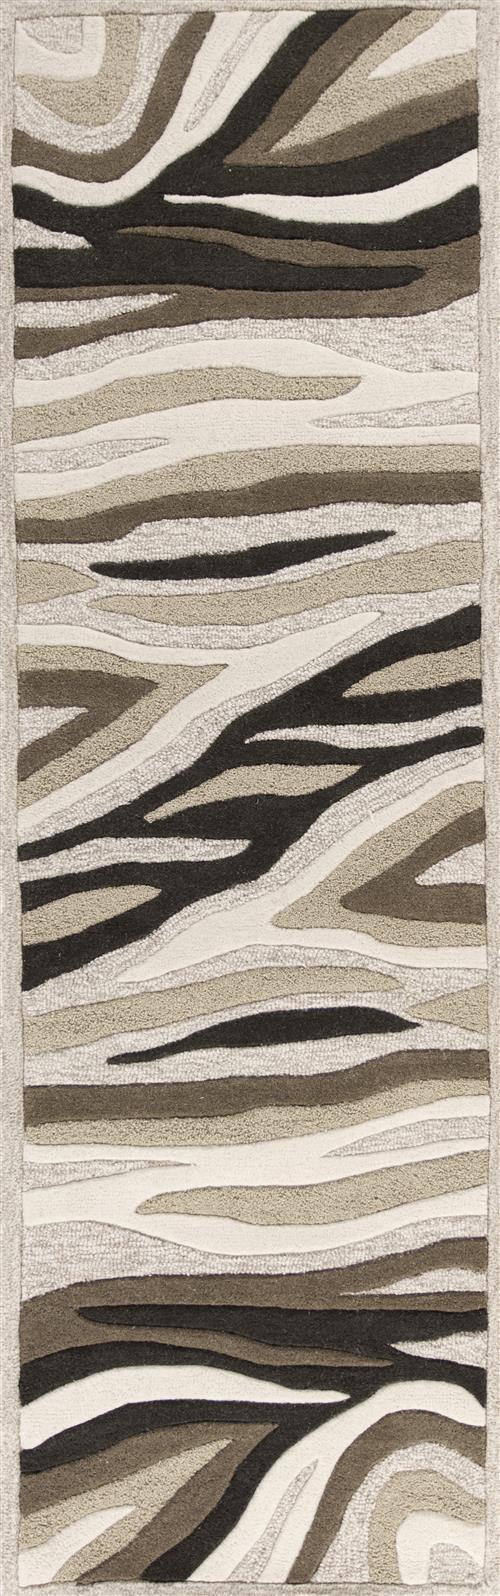 Eternity-1083-Natural Sandstorm